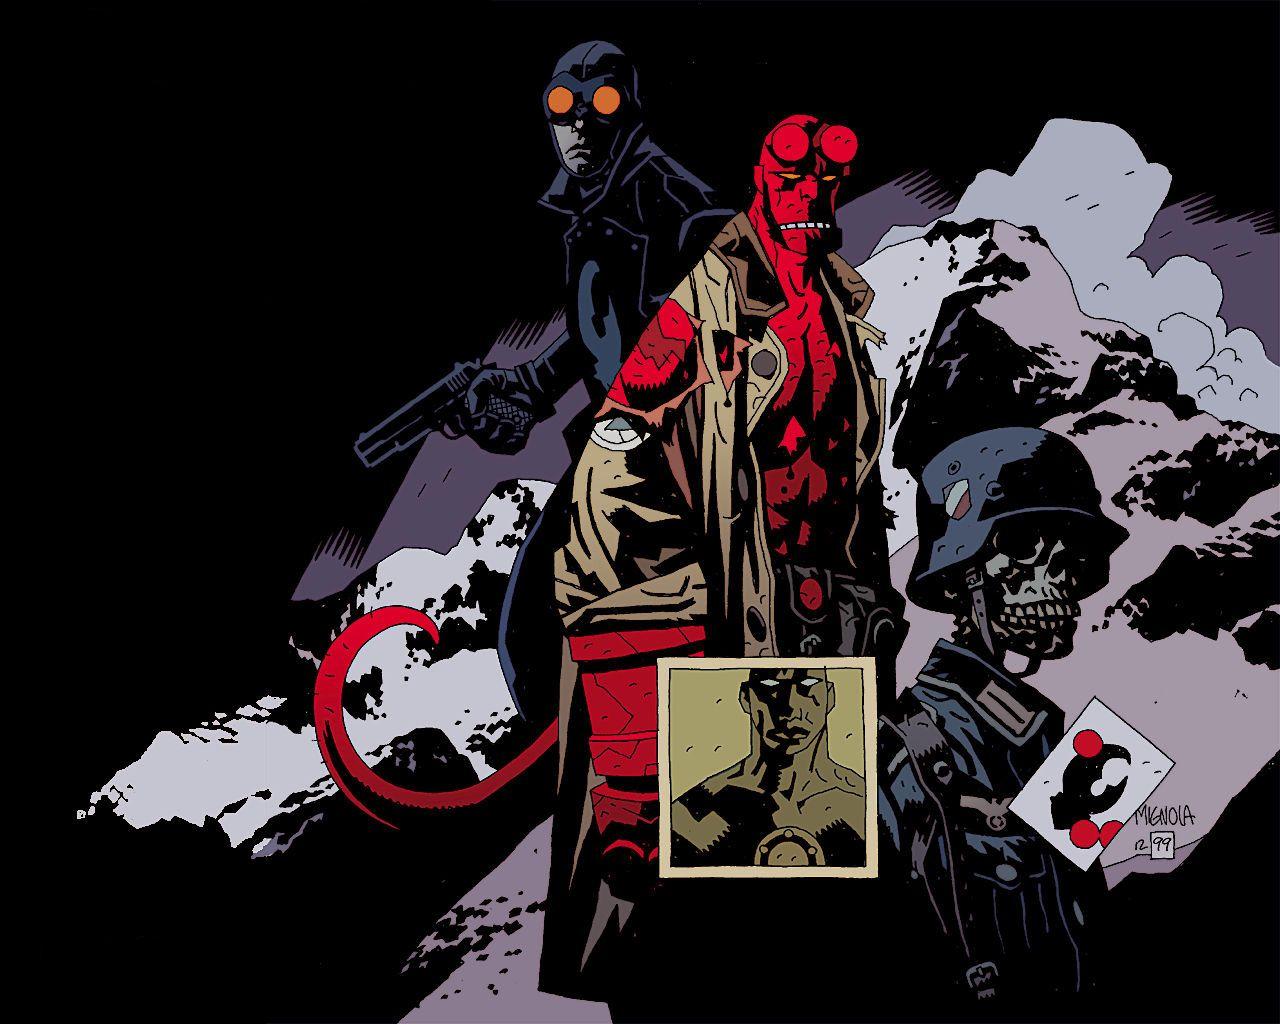 Hellboy By Mike Mignola Mike Mignola Art Mike Mignola